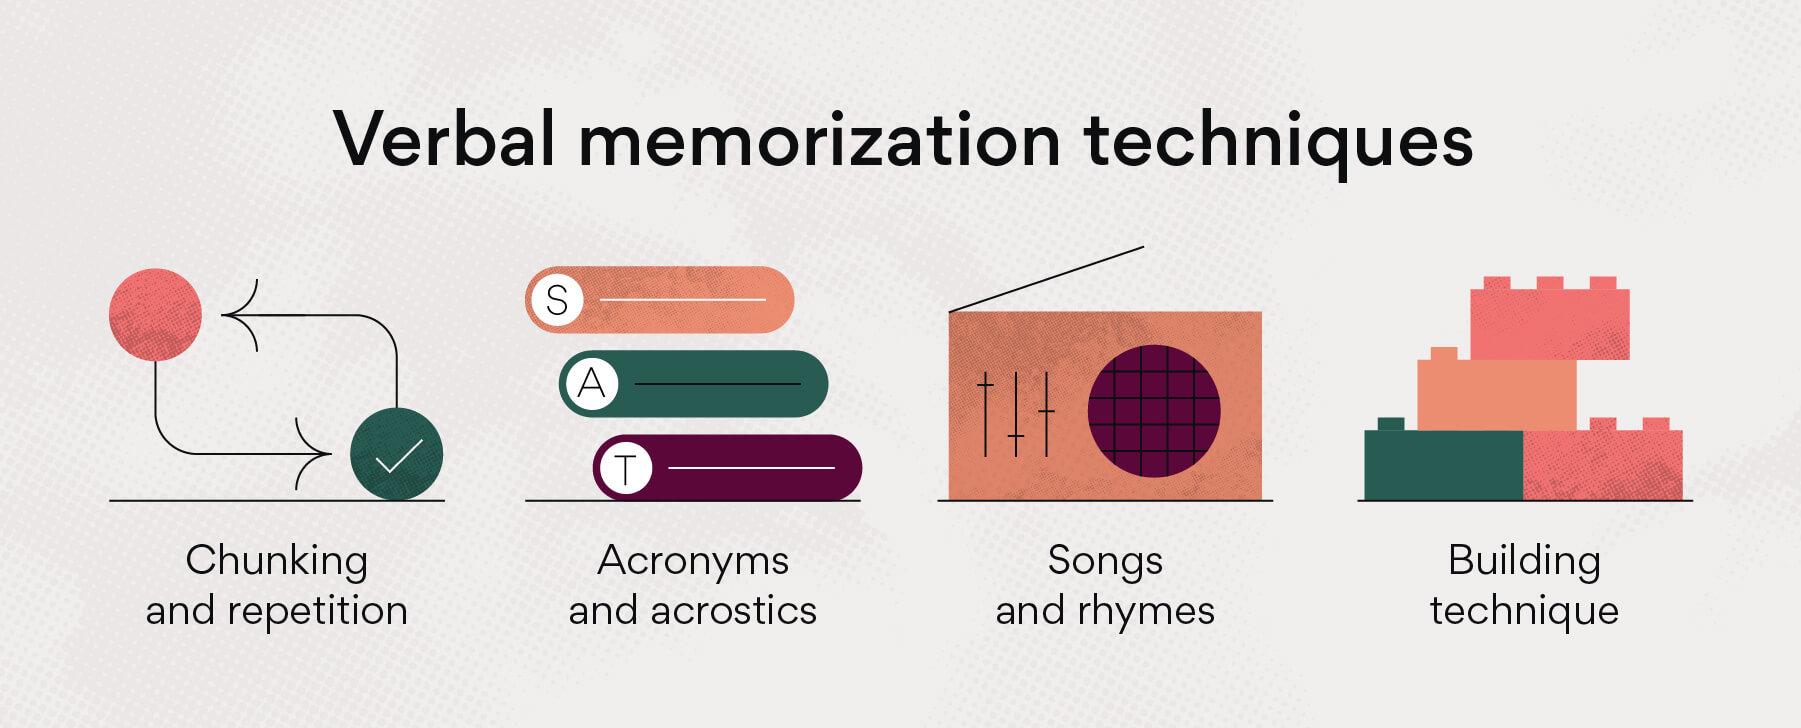 Verbal memorization techniques